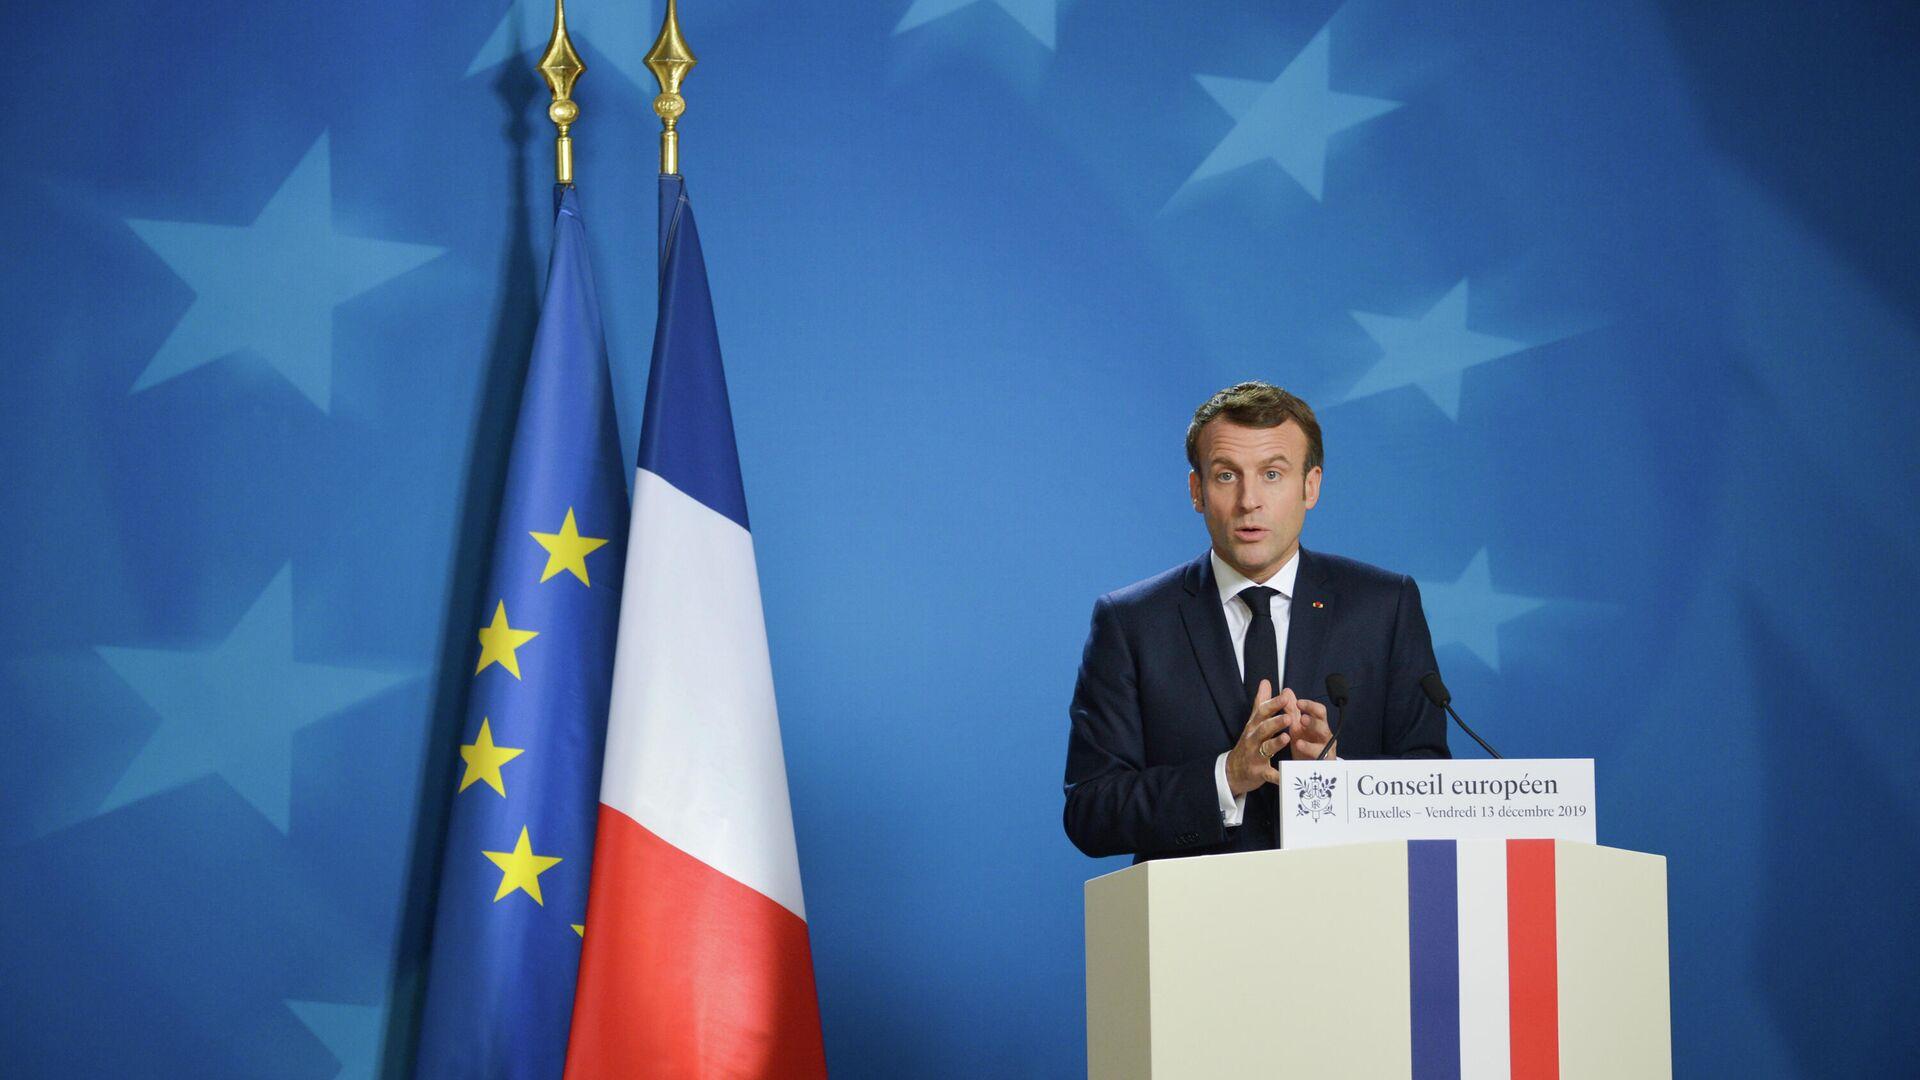 Президент Франции Эммануэль Макрон выступает на саммите глав государств и правительств Евросоюза в Брюсселе - РИА Новости, 1920, 18.04.2021